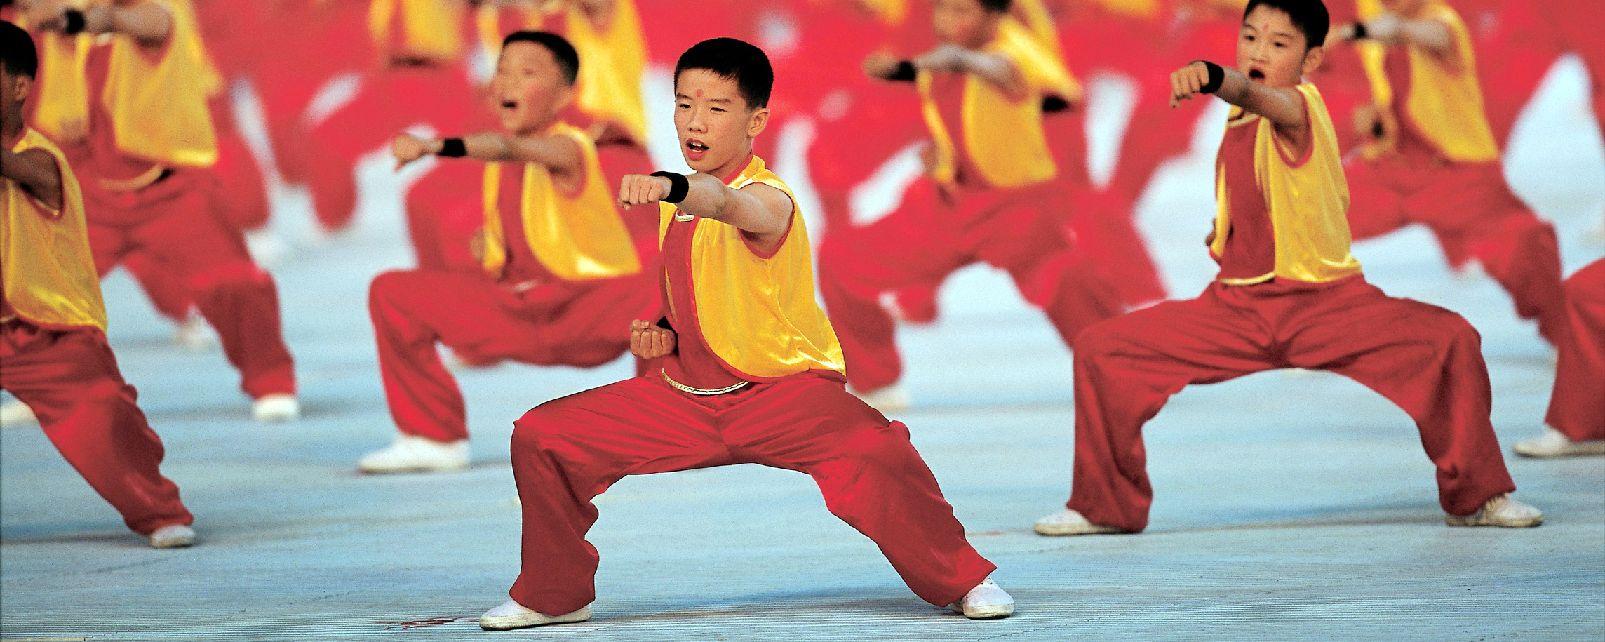 les arts martiaux province de p kin la province de